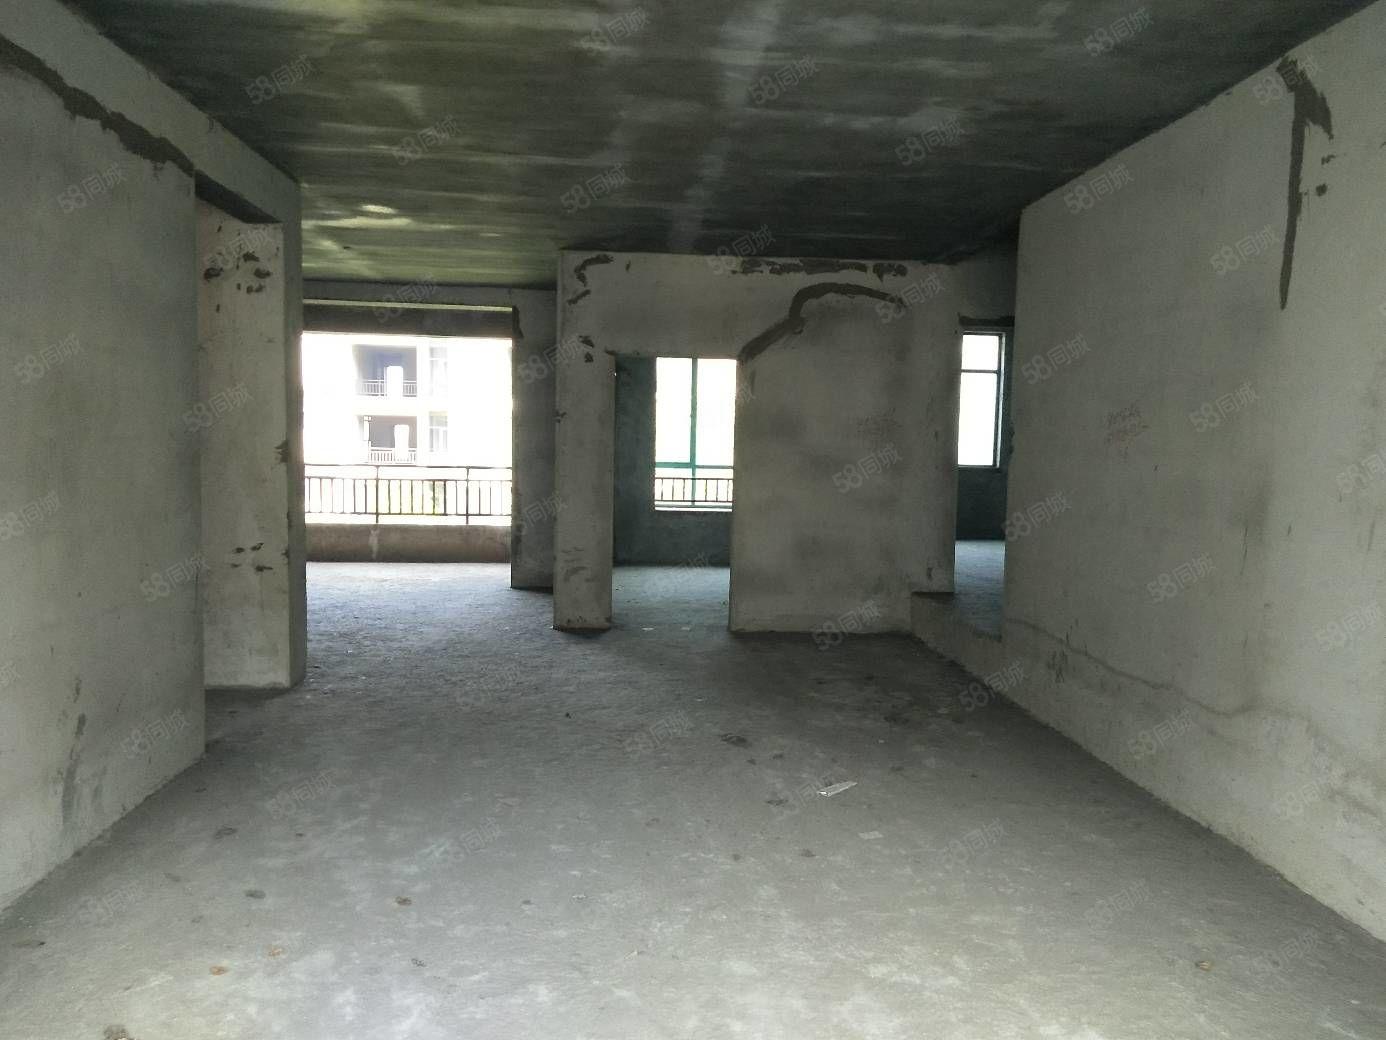 高档小区品质生活的体现高端气派四室两厅两卫湖景房